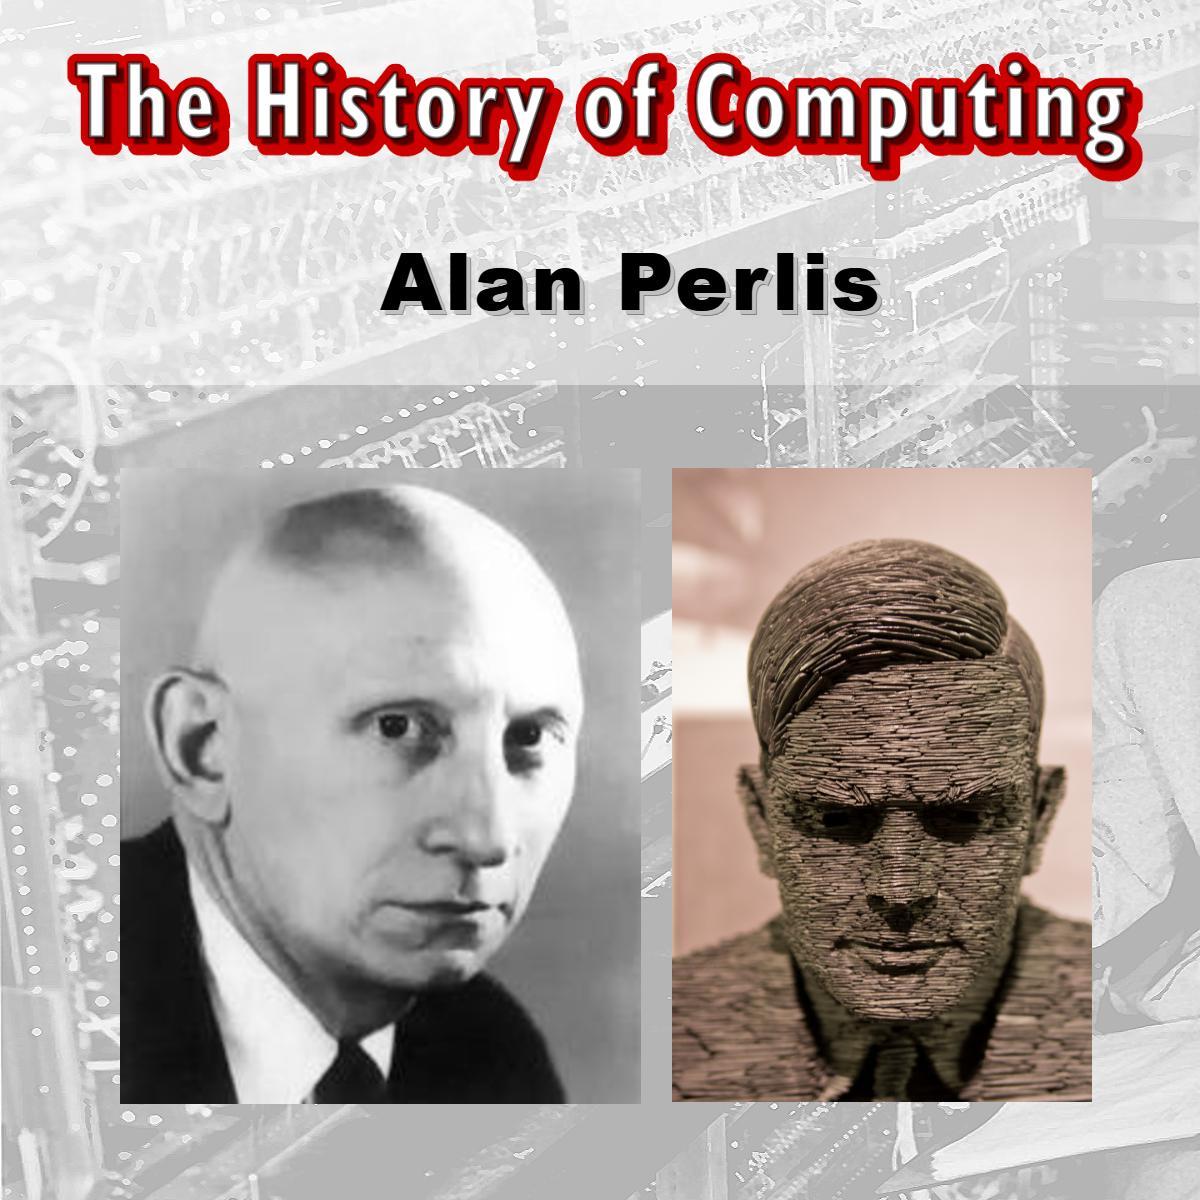 Alan Perlis